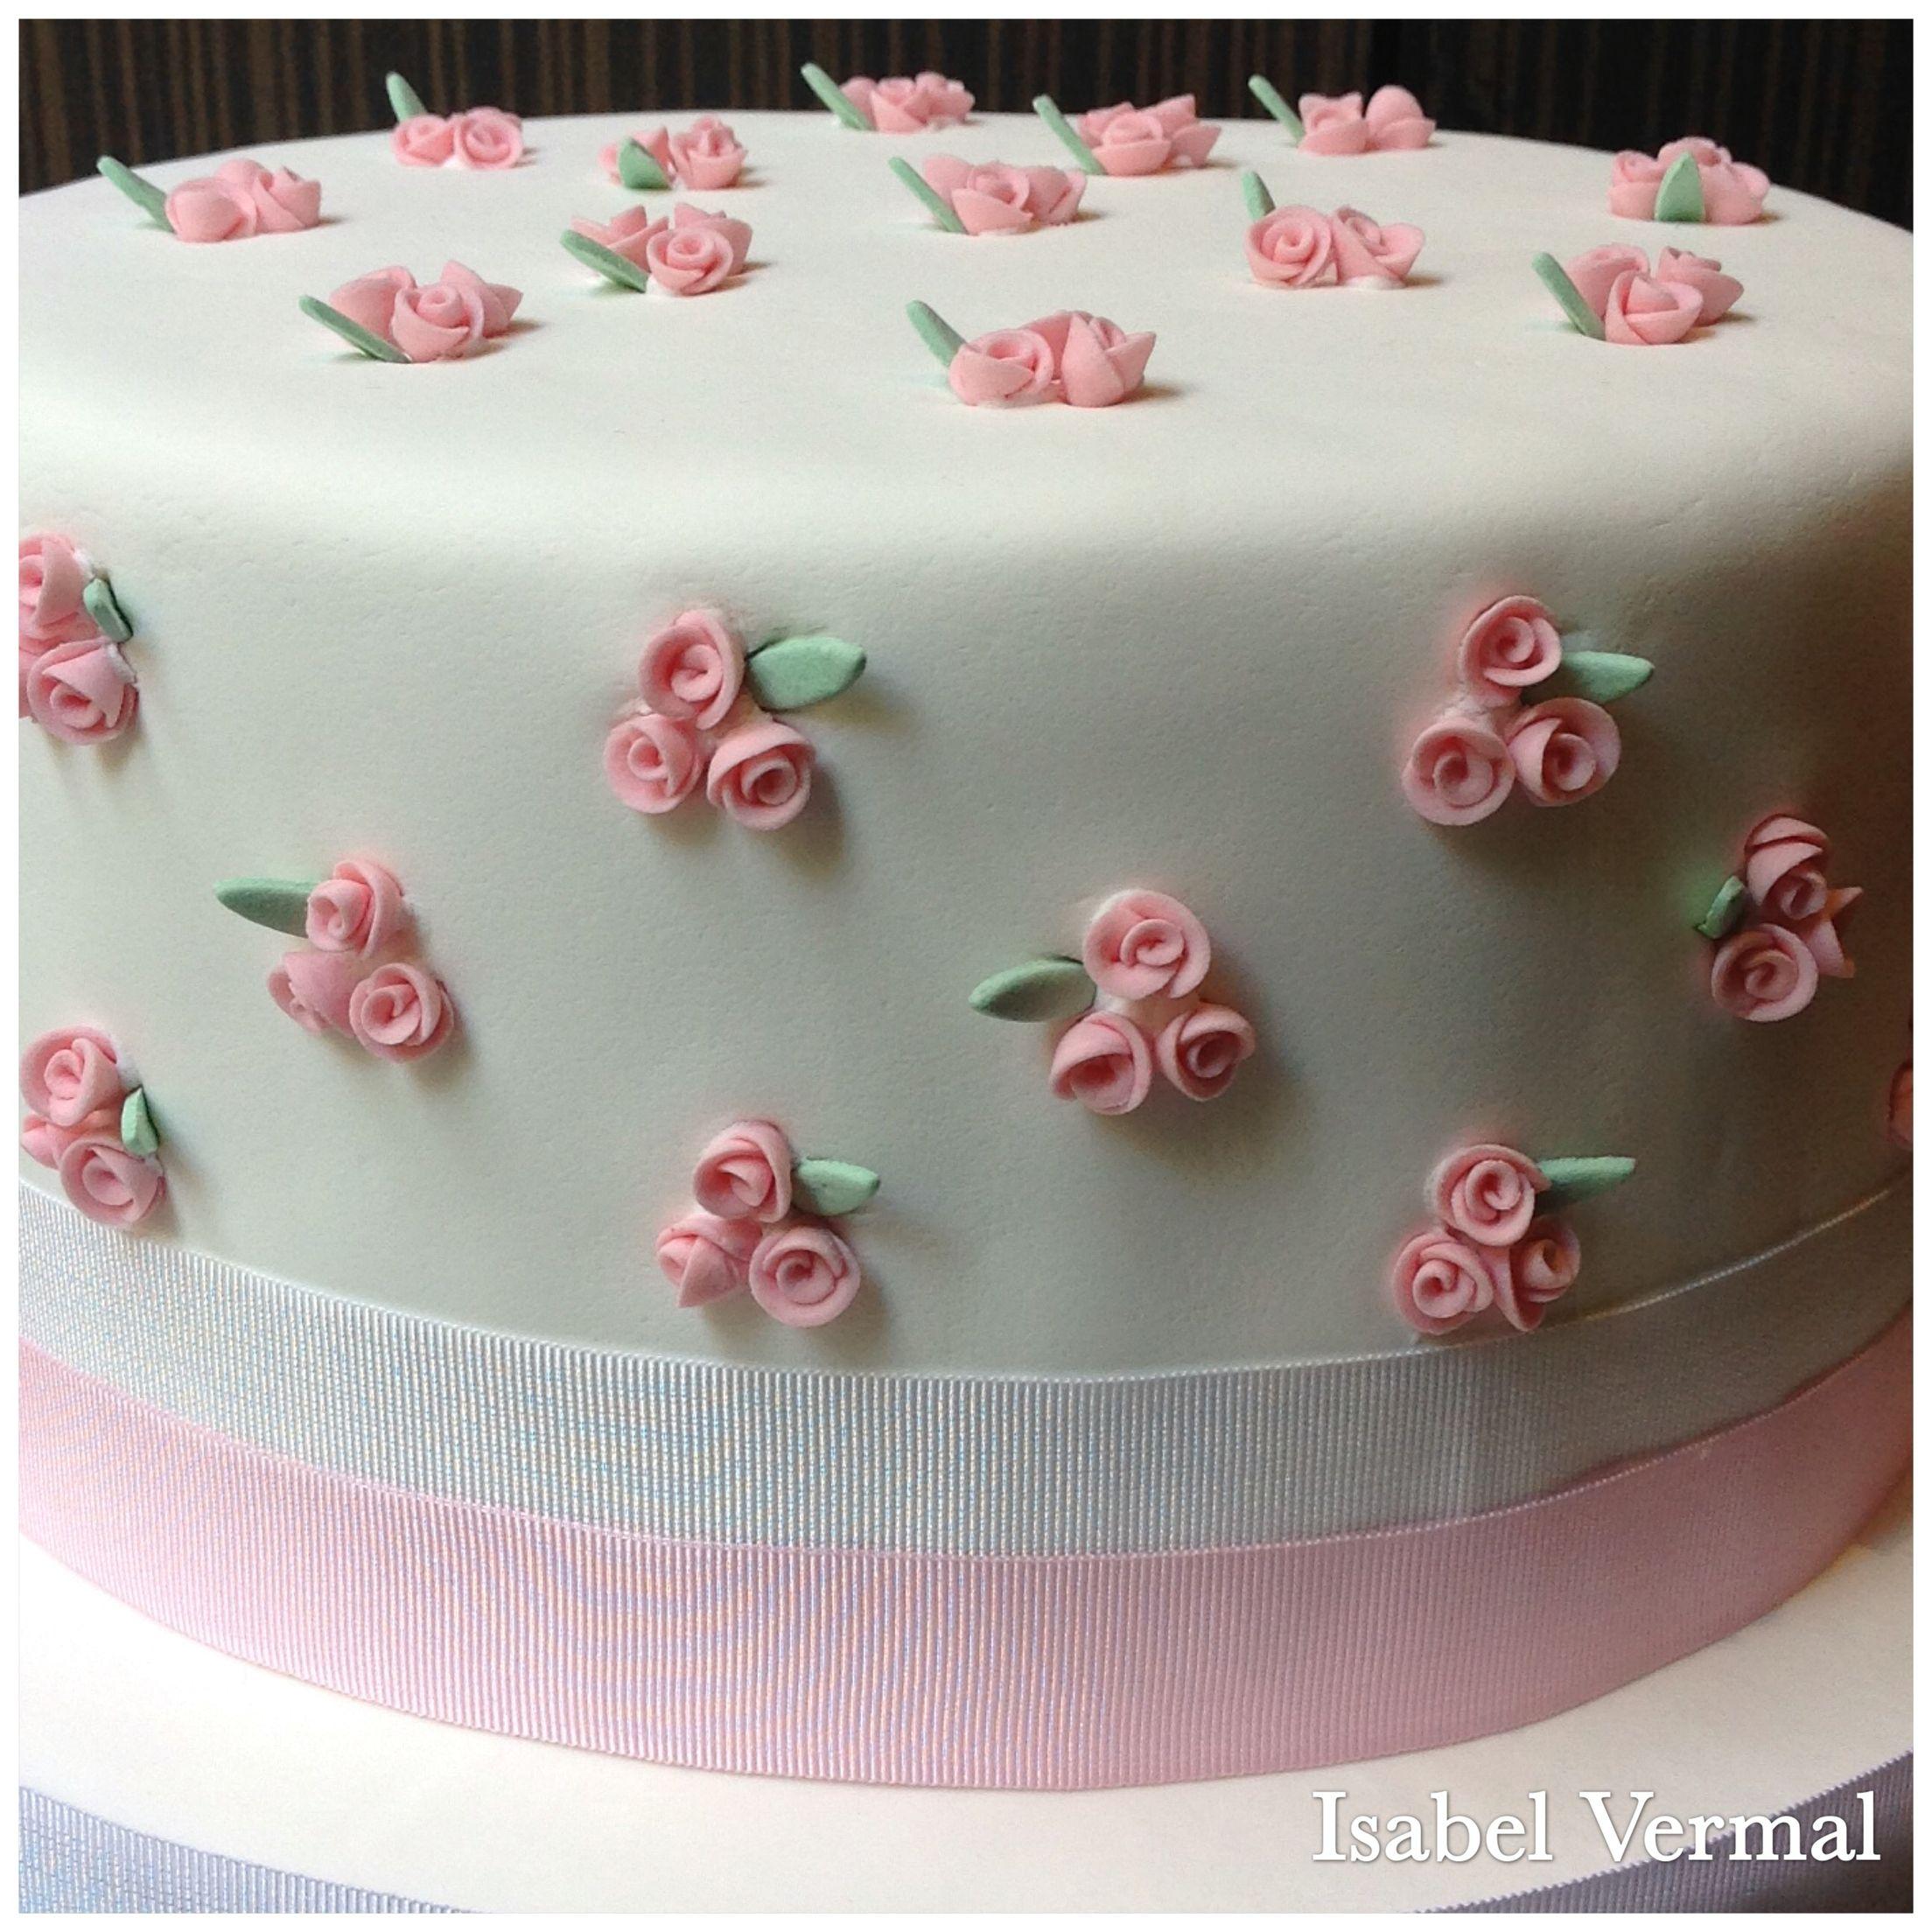 Torta blanca con rositas rococó rosas | Tortas | Pinterest ...